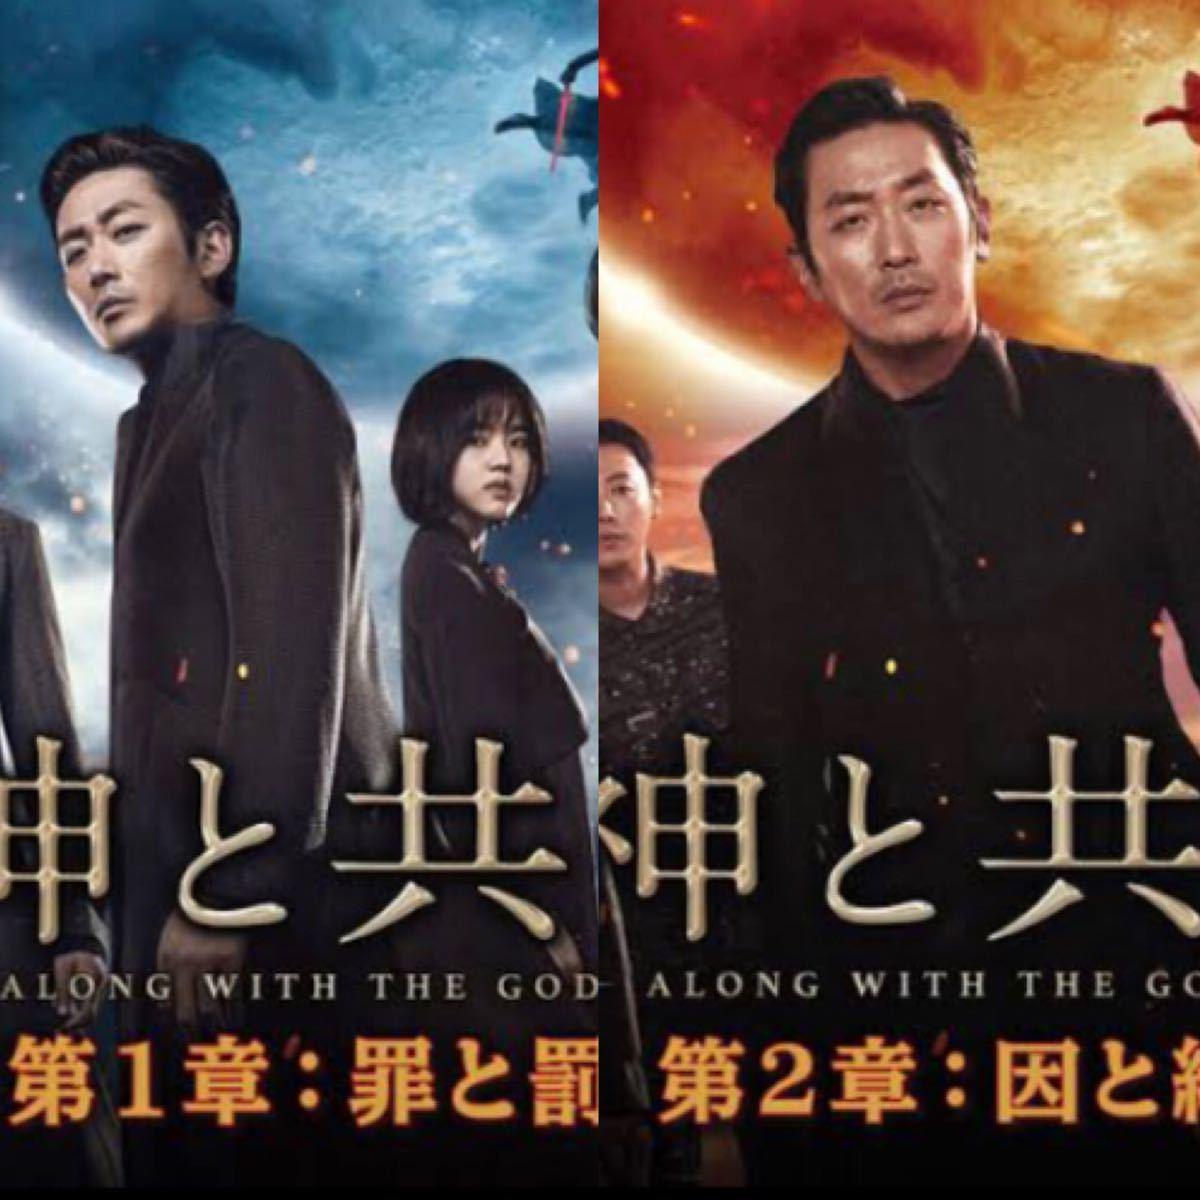 韓国映画  神と共に  第一章  第二章  DVD  2点セット  日本語吹替有り  レーベル有り  ハ・ジョンウ  チュ・ジフン